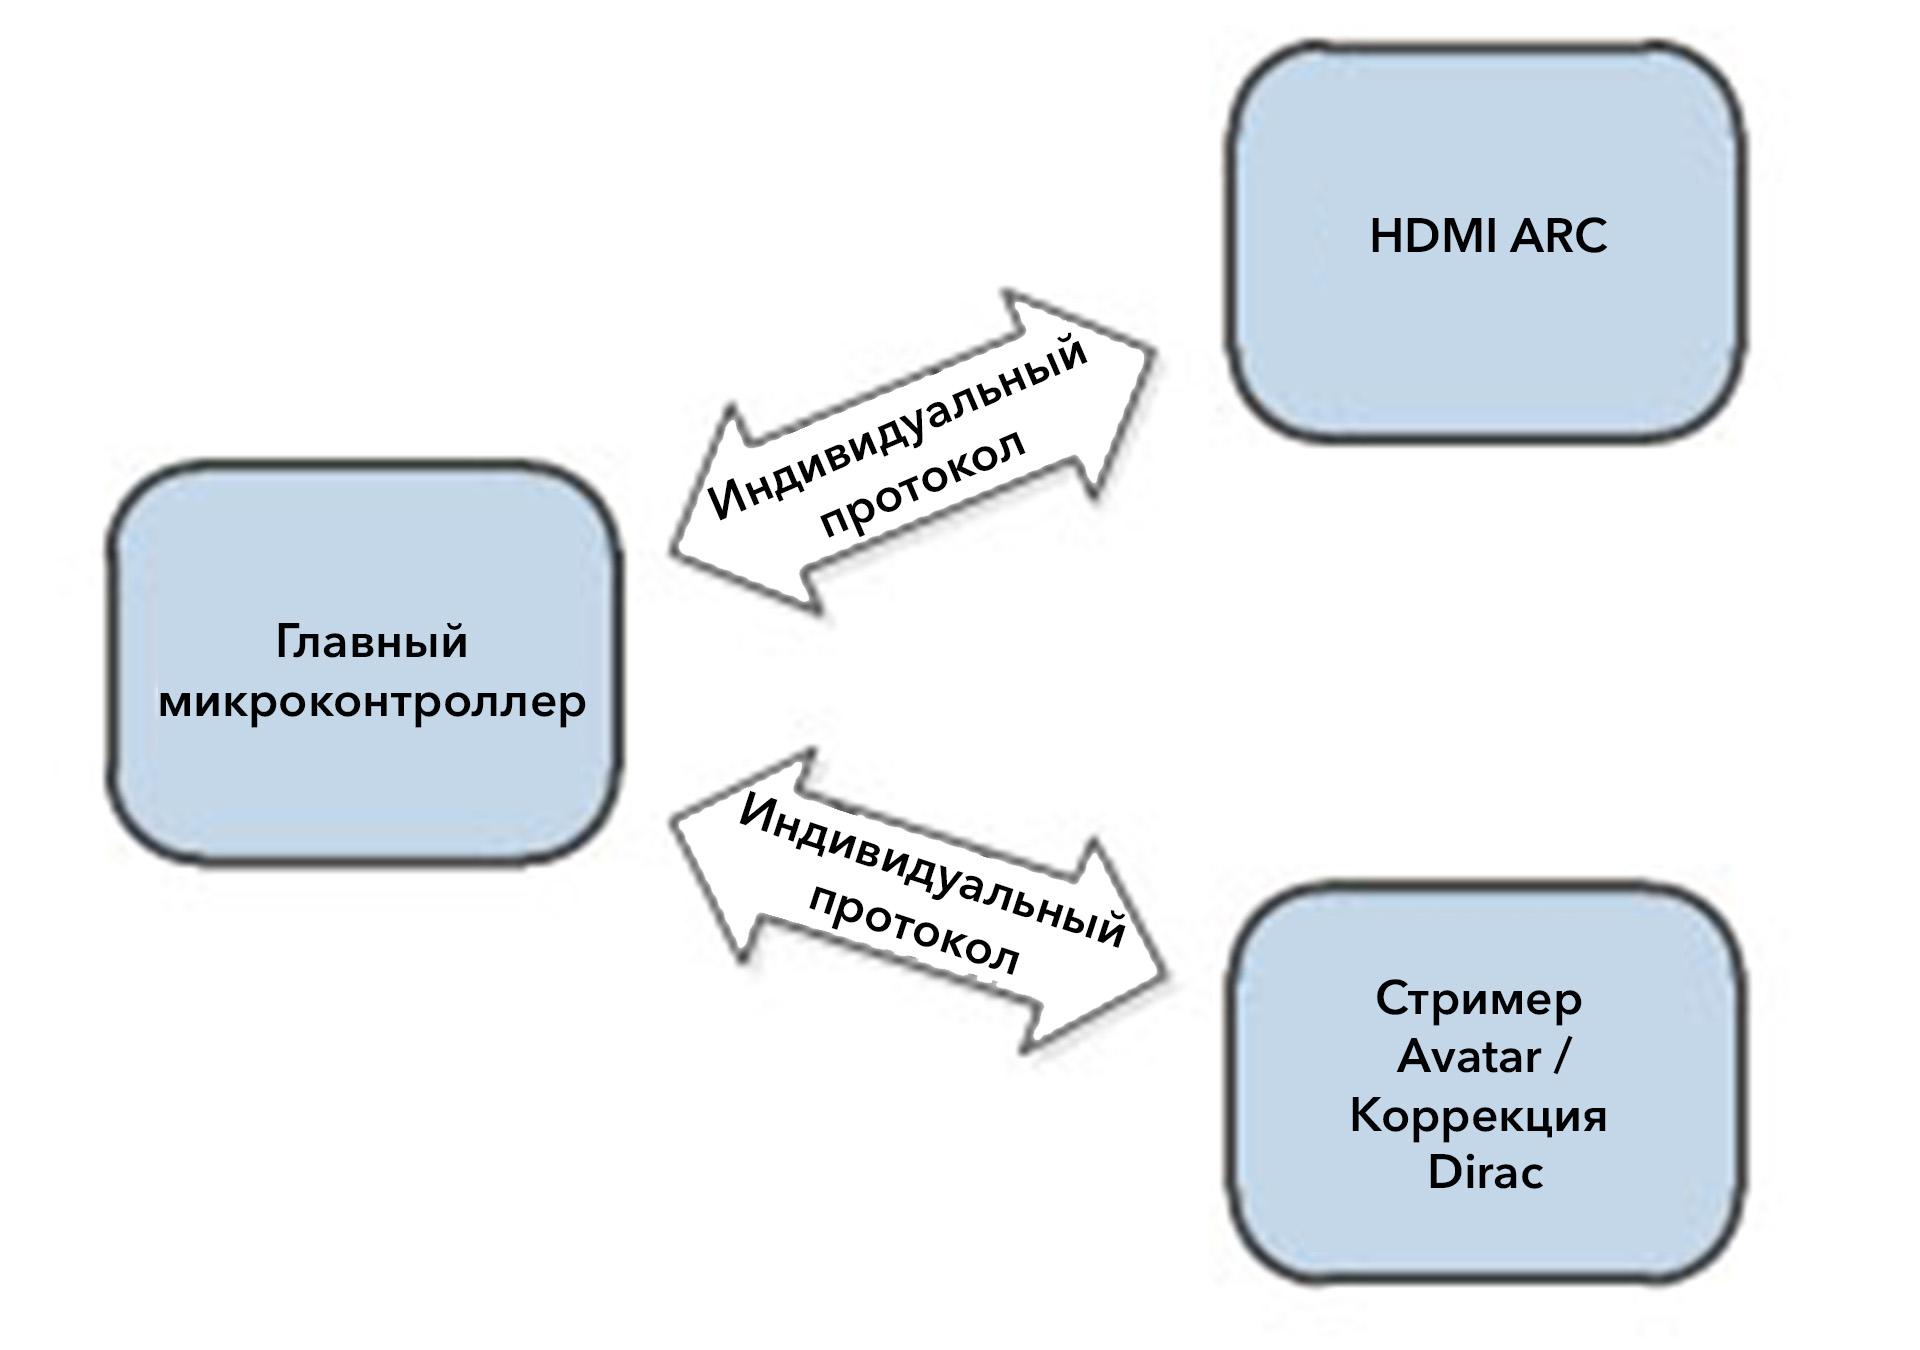 Роль программного обеспечения в усилителях Arcam